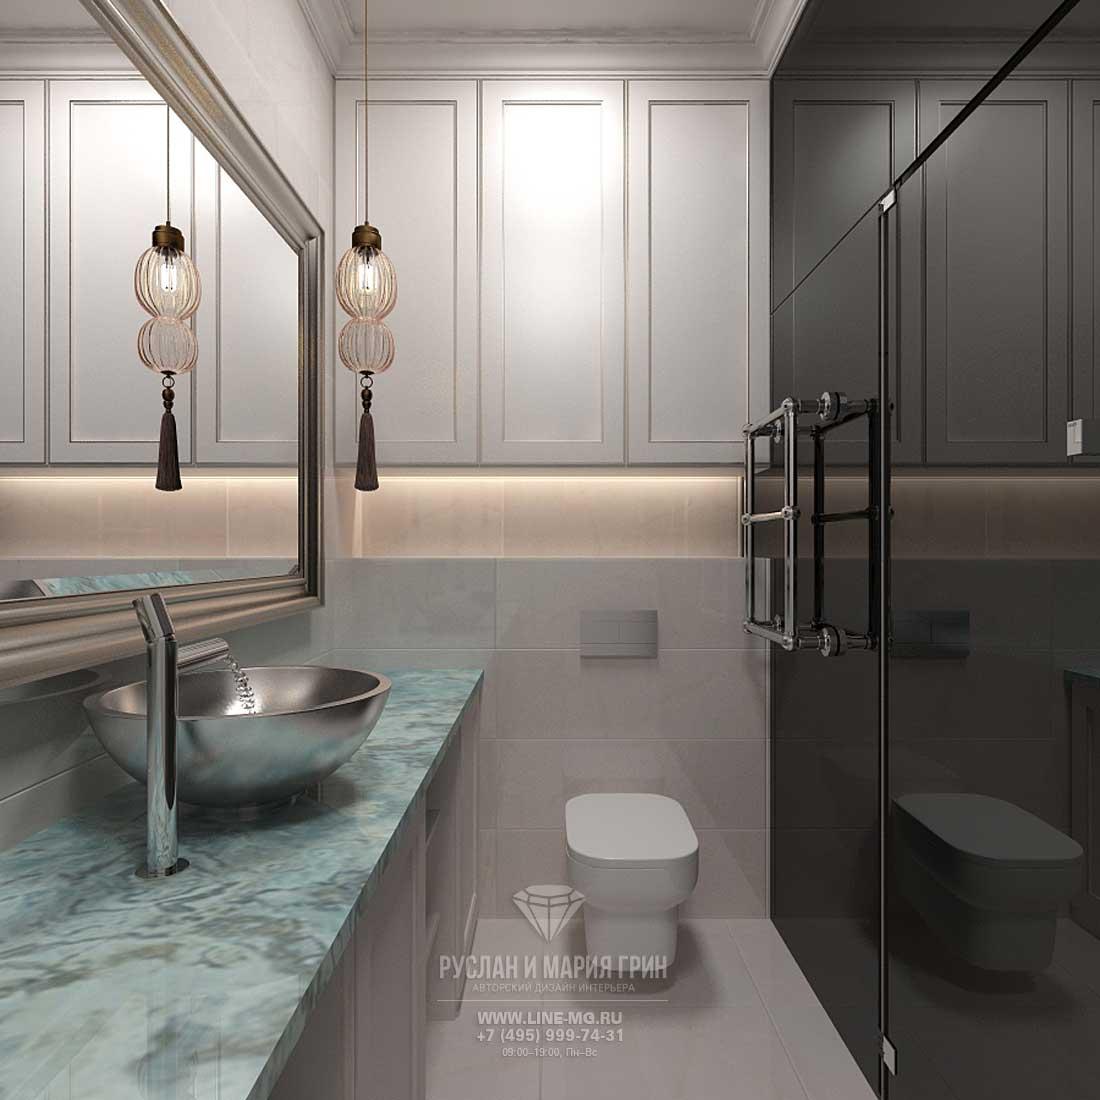 Современный интерьер ванной комнаты в черно-белых тонах